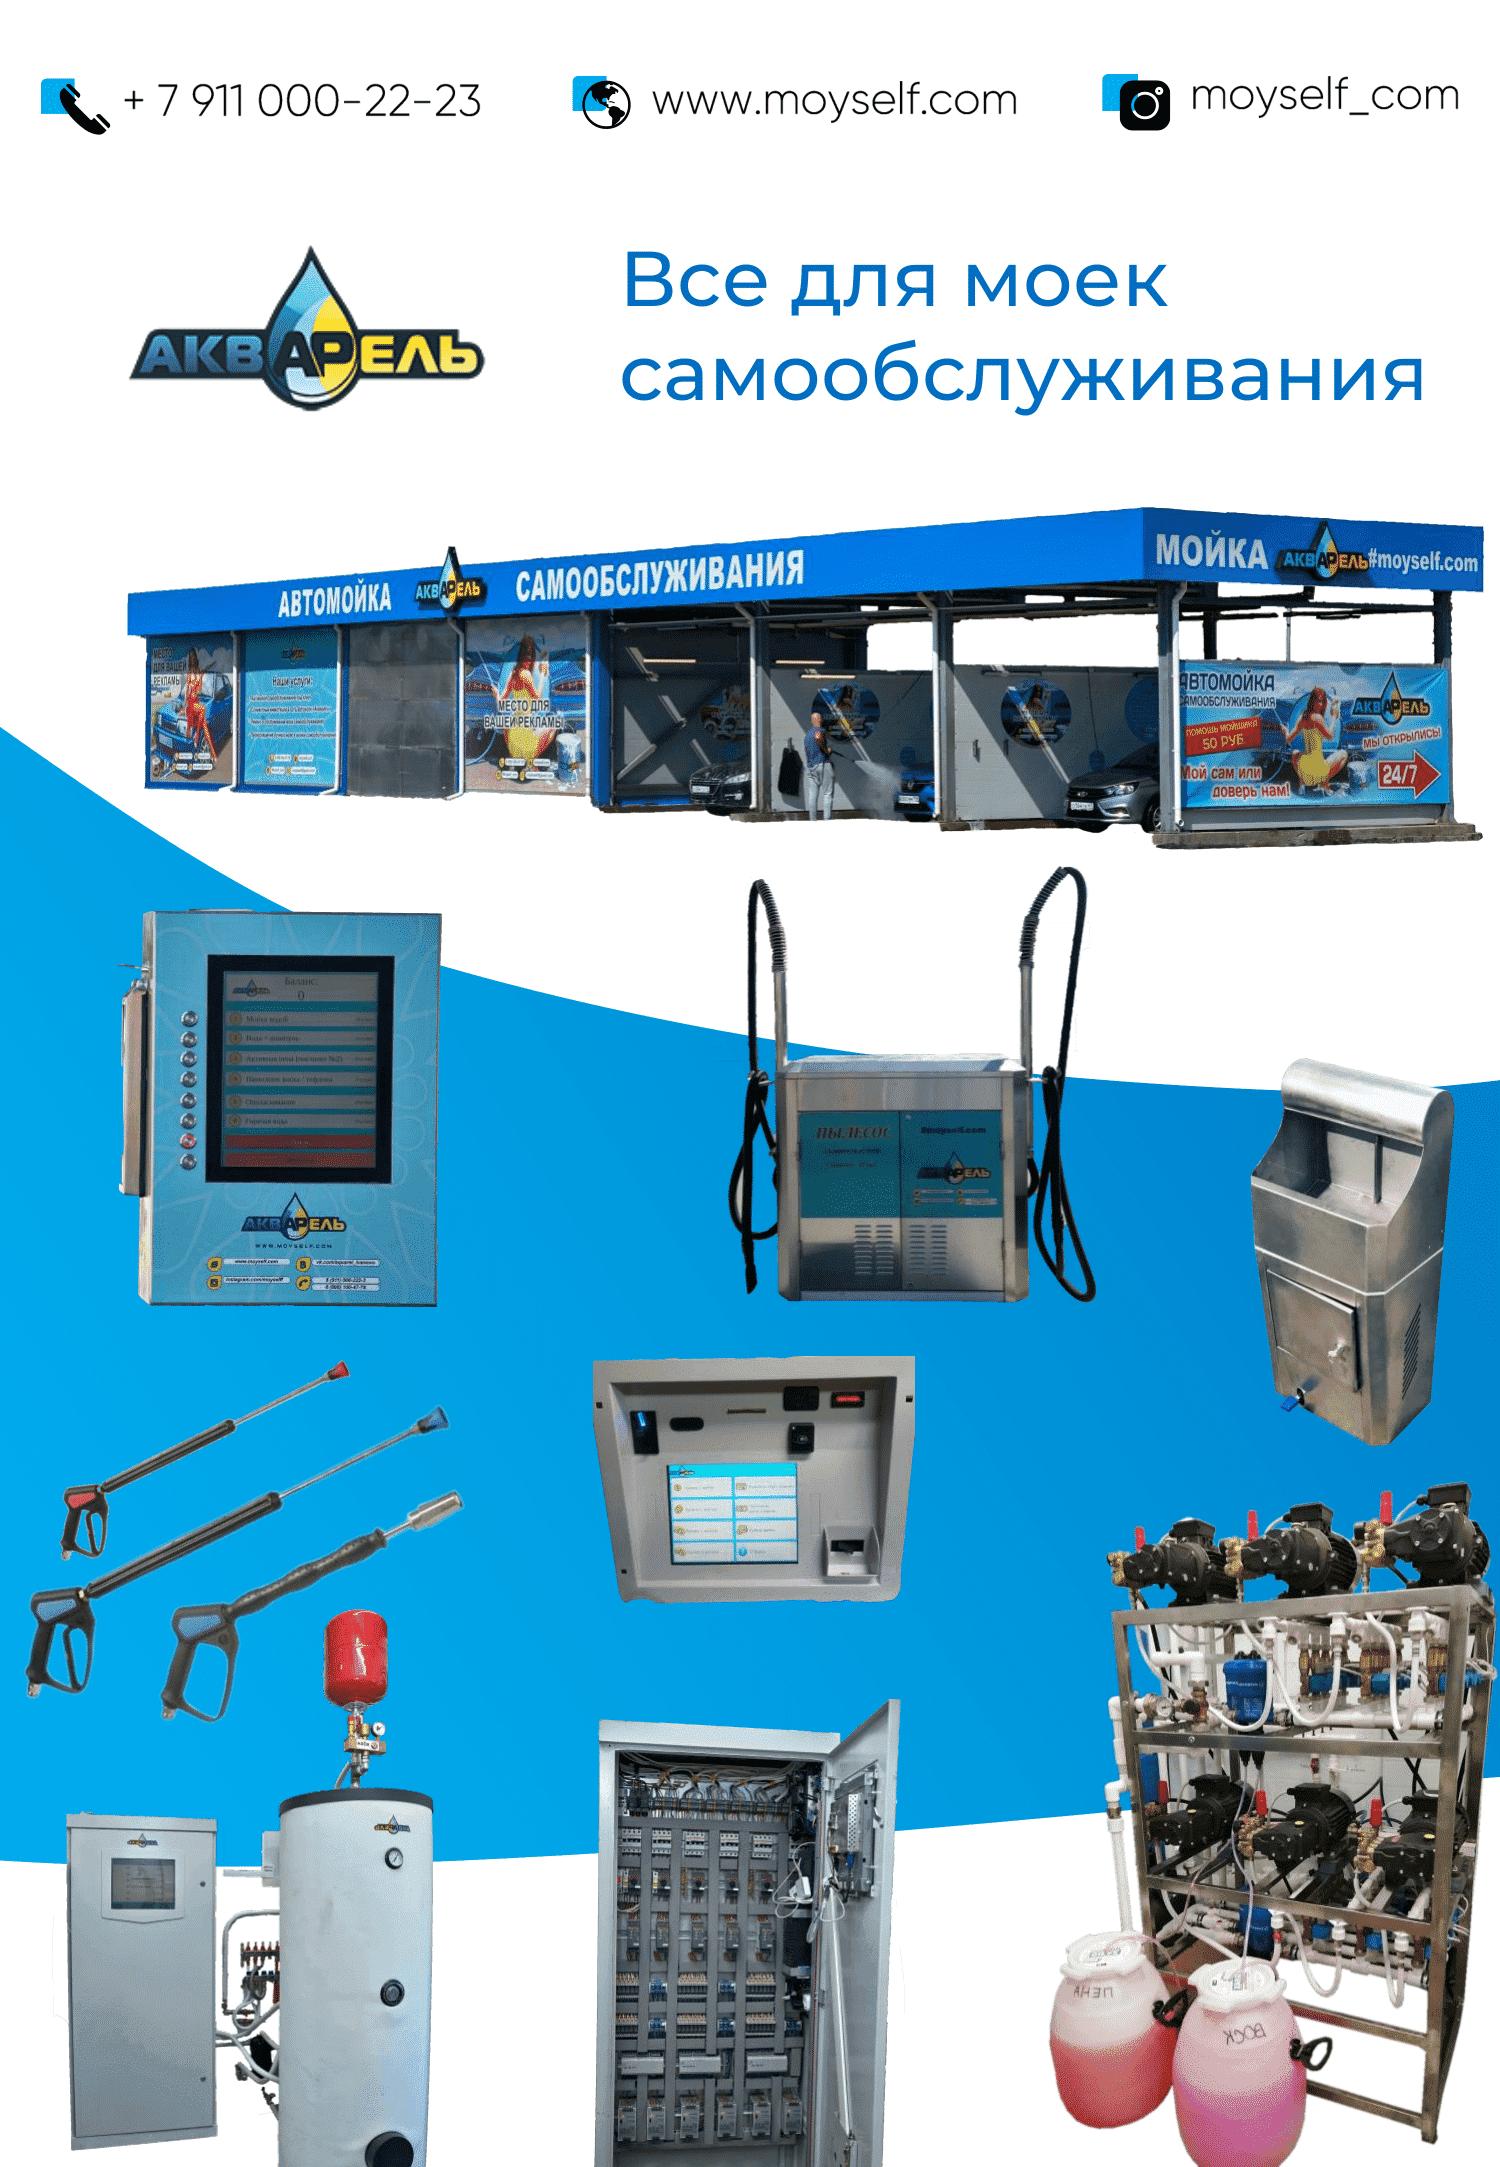 Производство дополнительного оборудования для самомоек